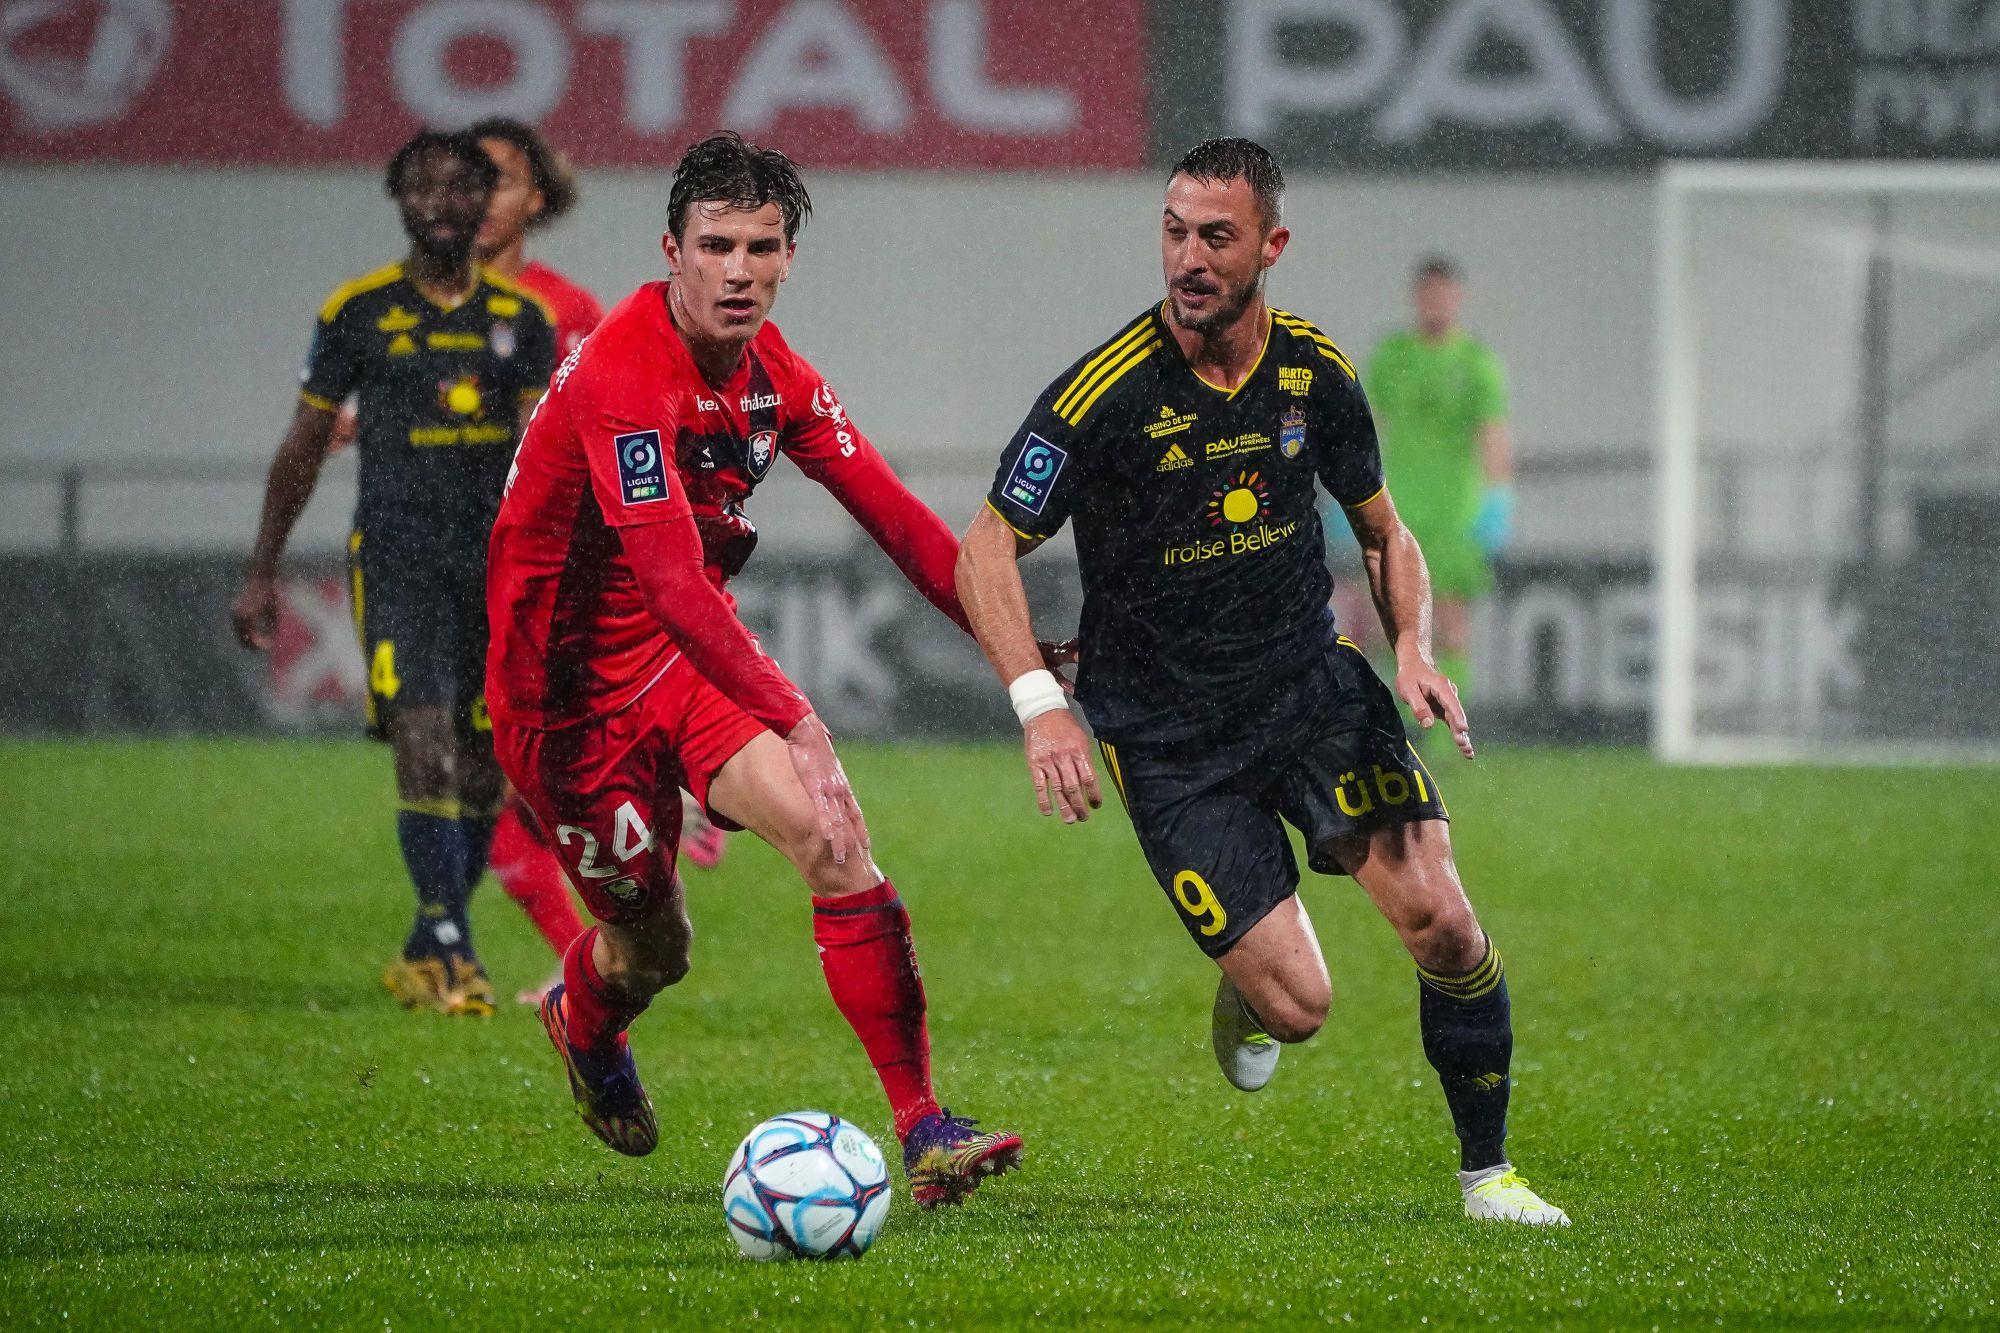 Hugo Vandermersch : « Ce qui m'importe, c'est que le club se maintienne » (France Bleu)